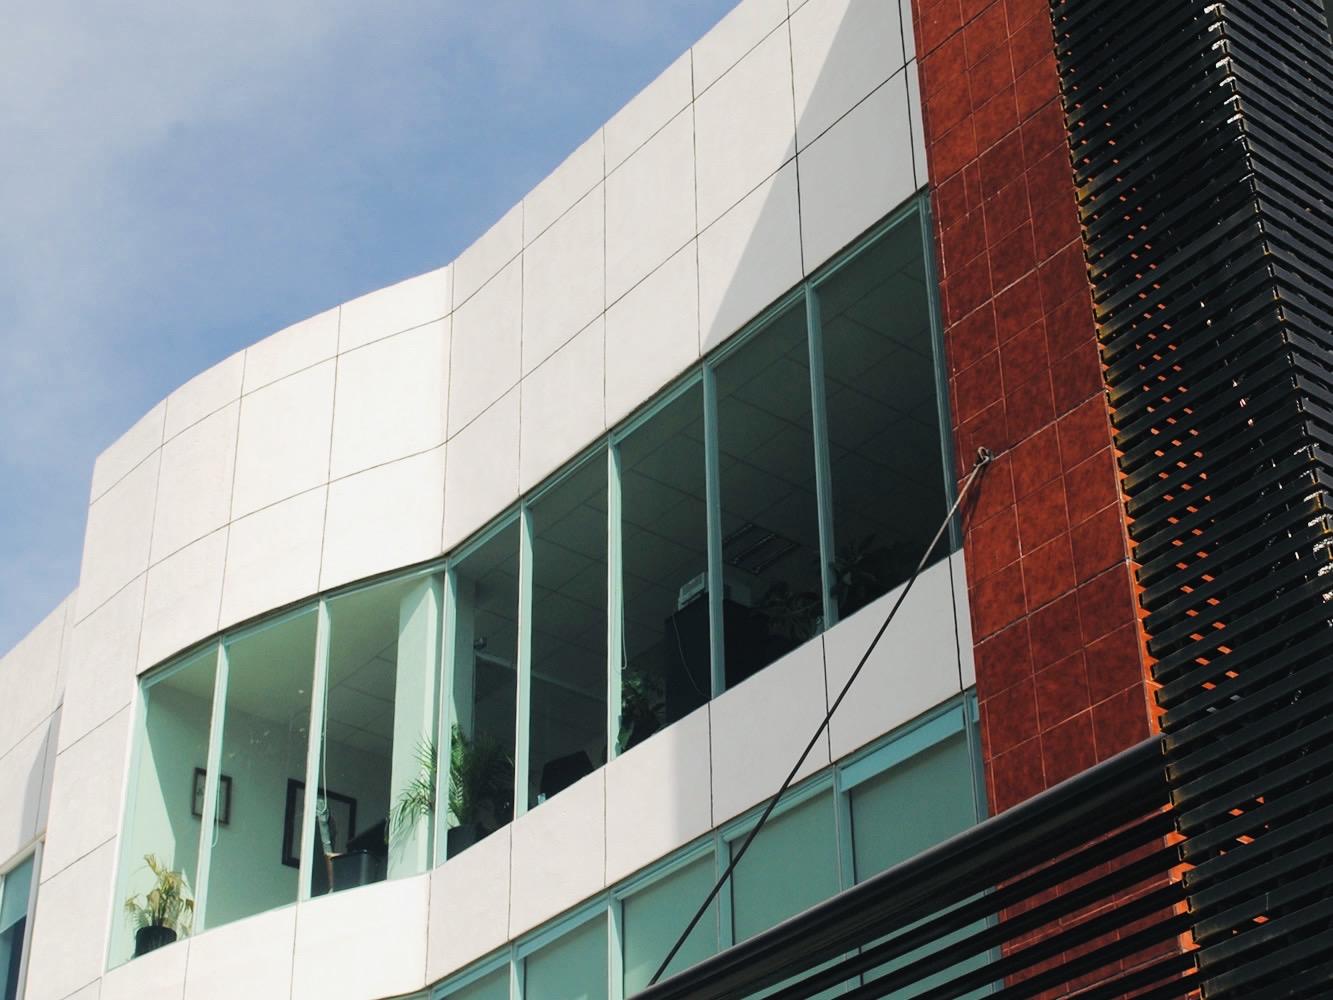 Imagen de las oficinas de Asegurando.mx empresa que ofrece seguros de vida, seguros de auto y seguros de gastos médicos mayores en Querétaro